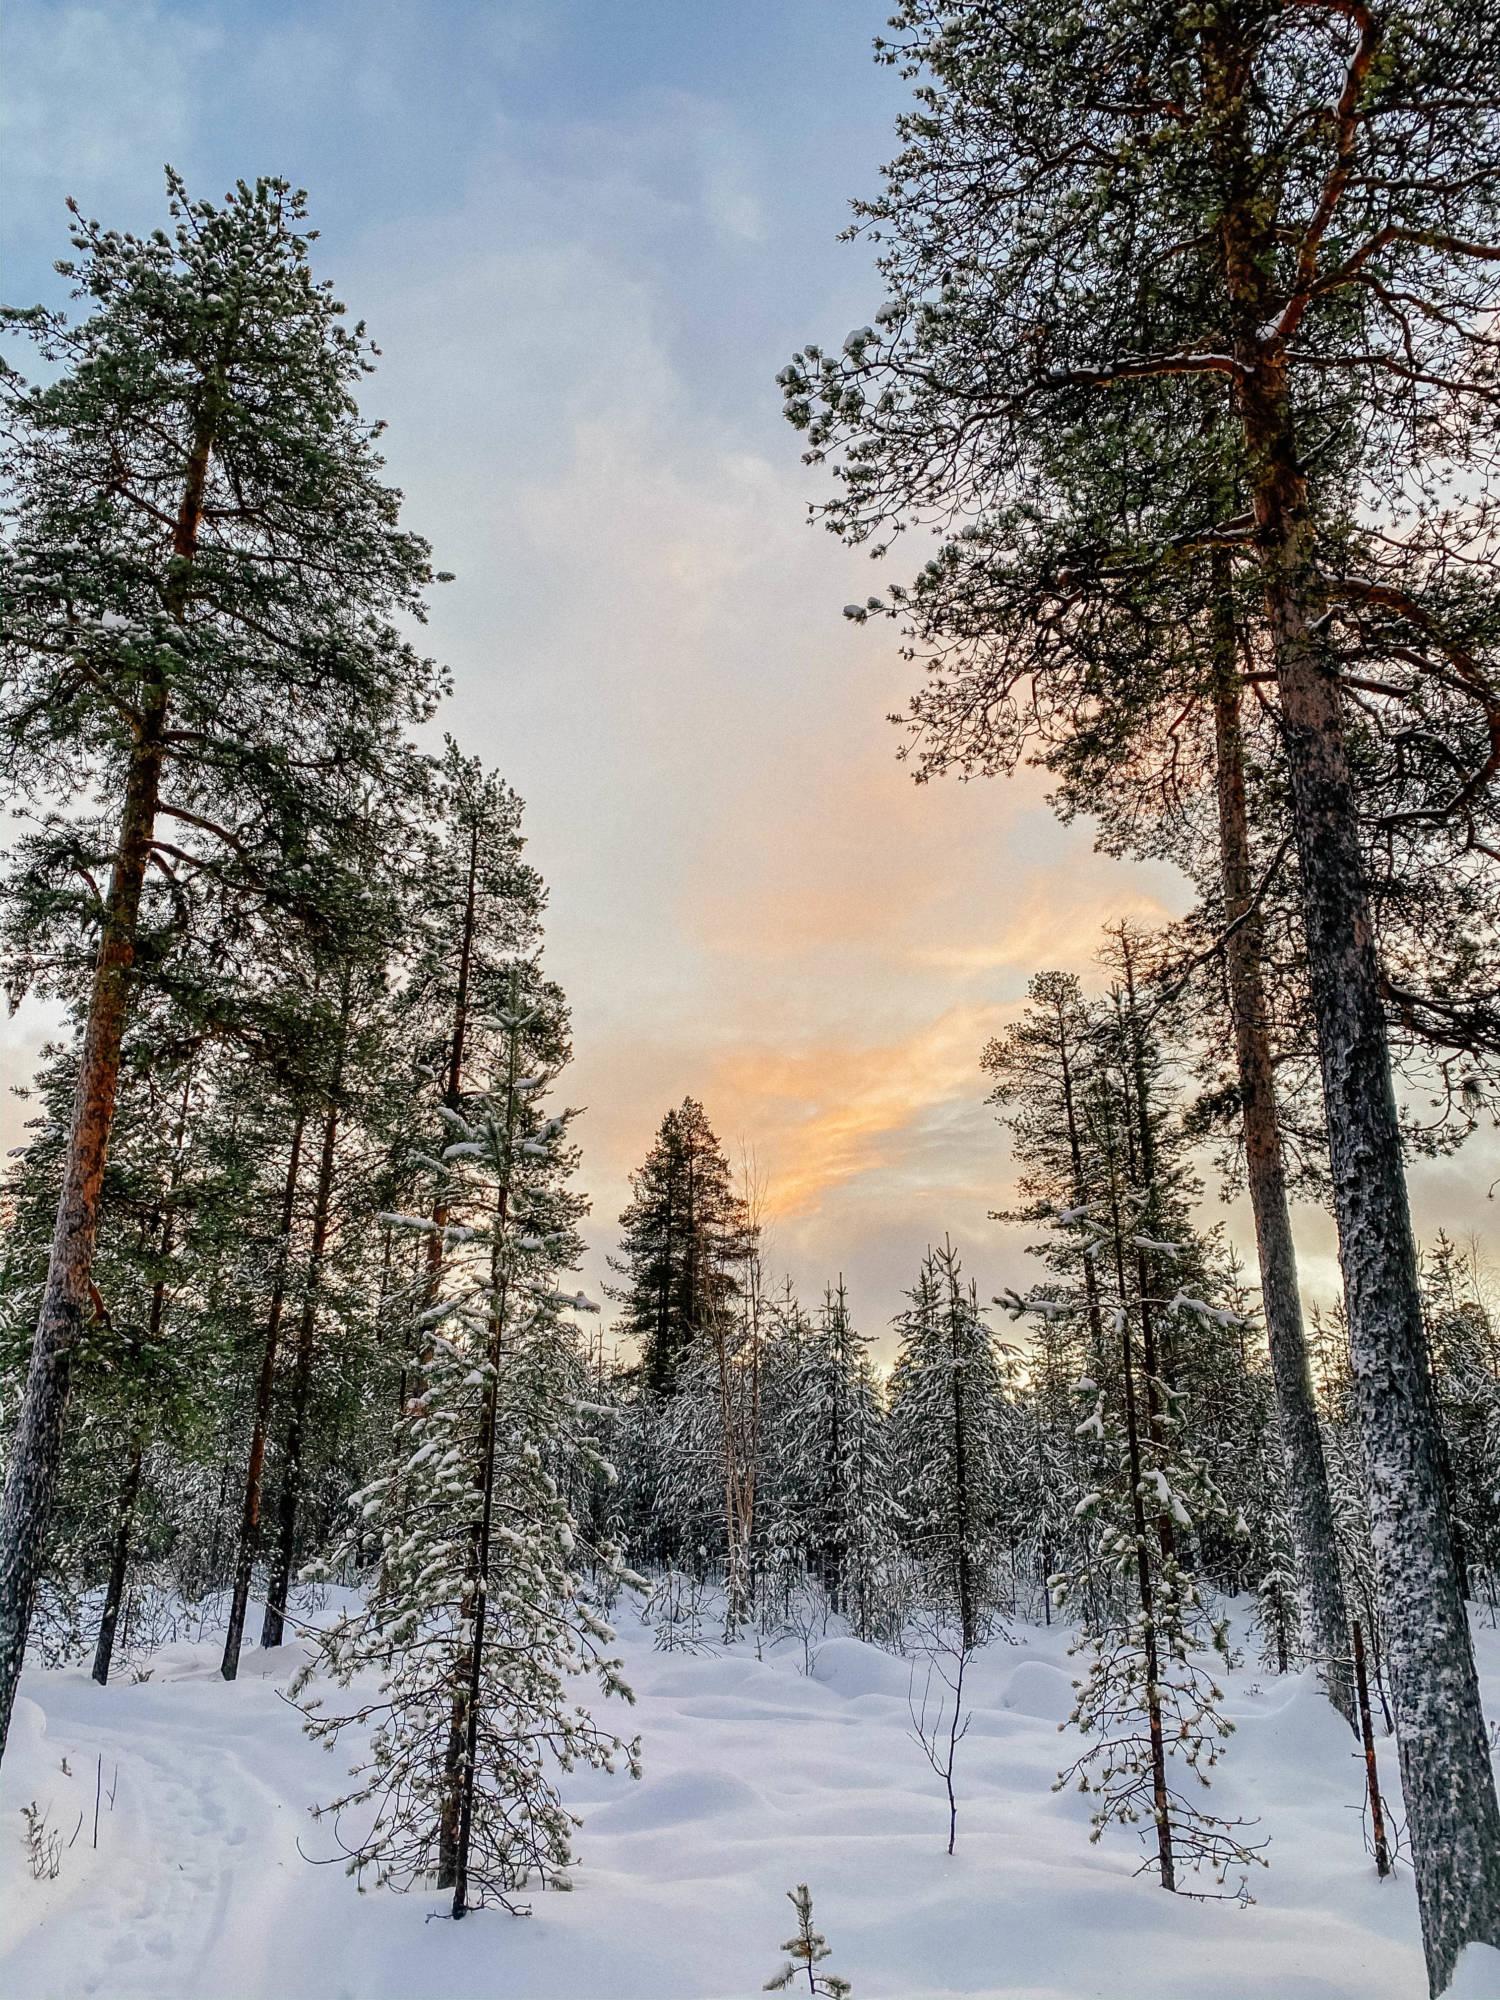 Talvisen Ivalon matkan huippuhetkiä ja reissuvinkkejä